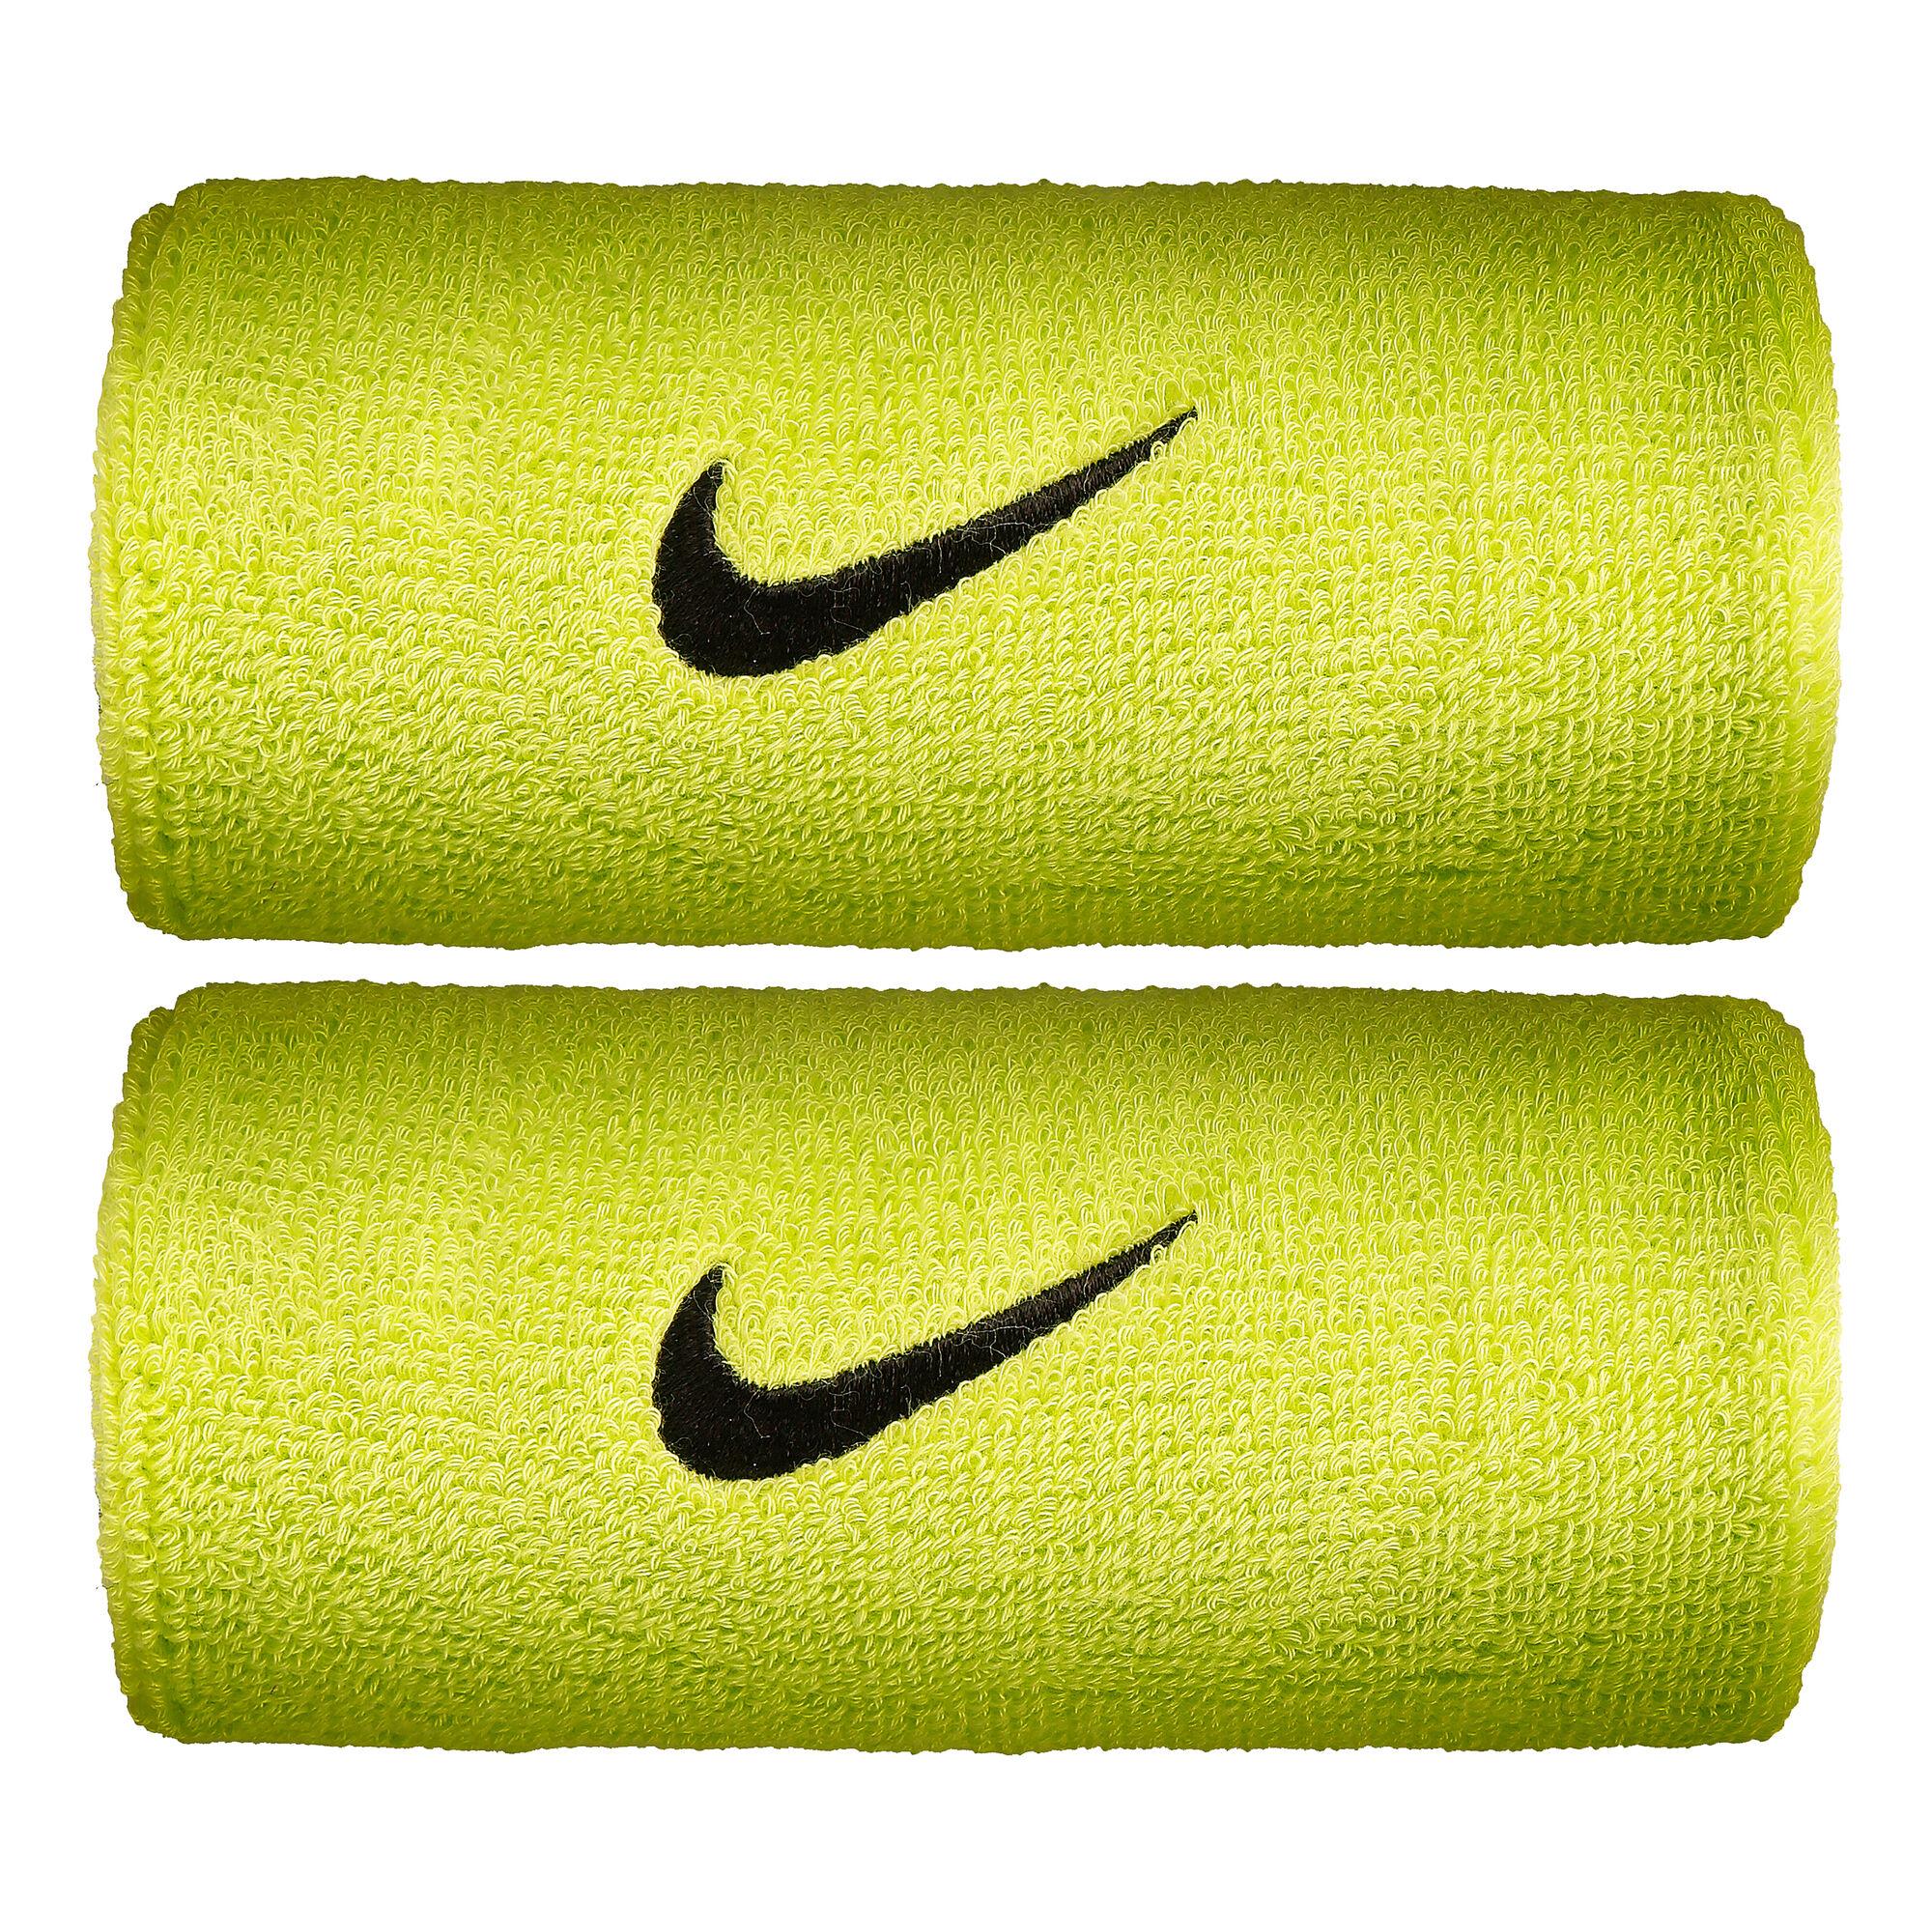 Nike · Nike · Nike · Nike. Swoosh Doublewide Wristbands Swoosh Doublewide  Wristbands c3de25426e